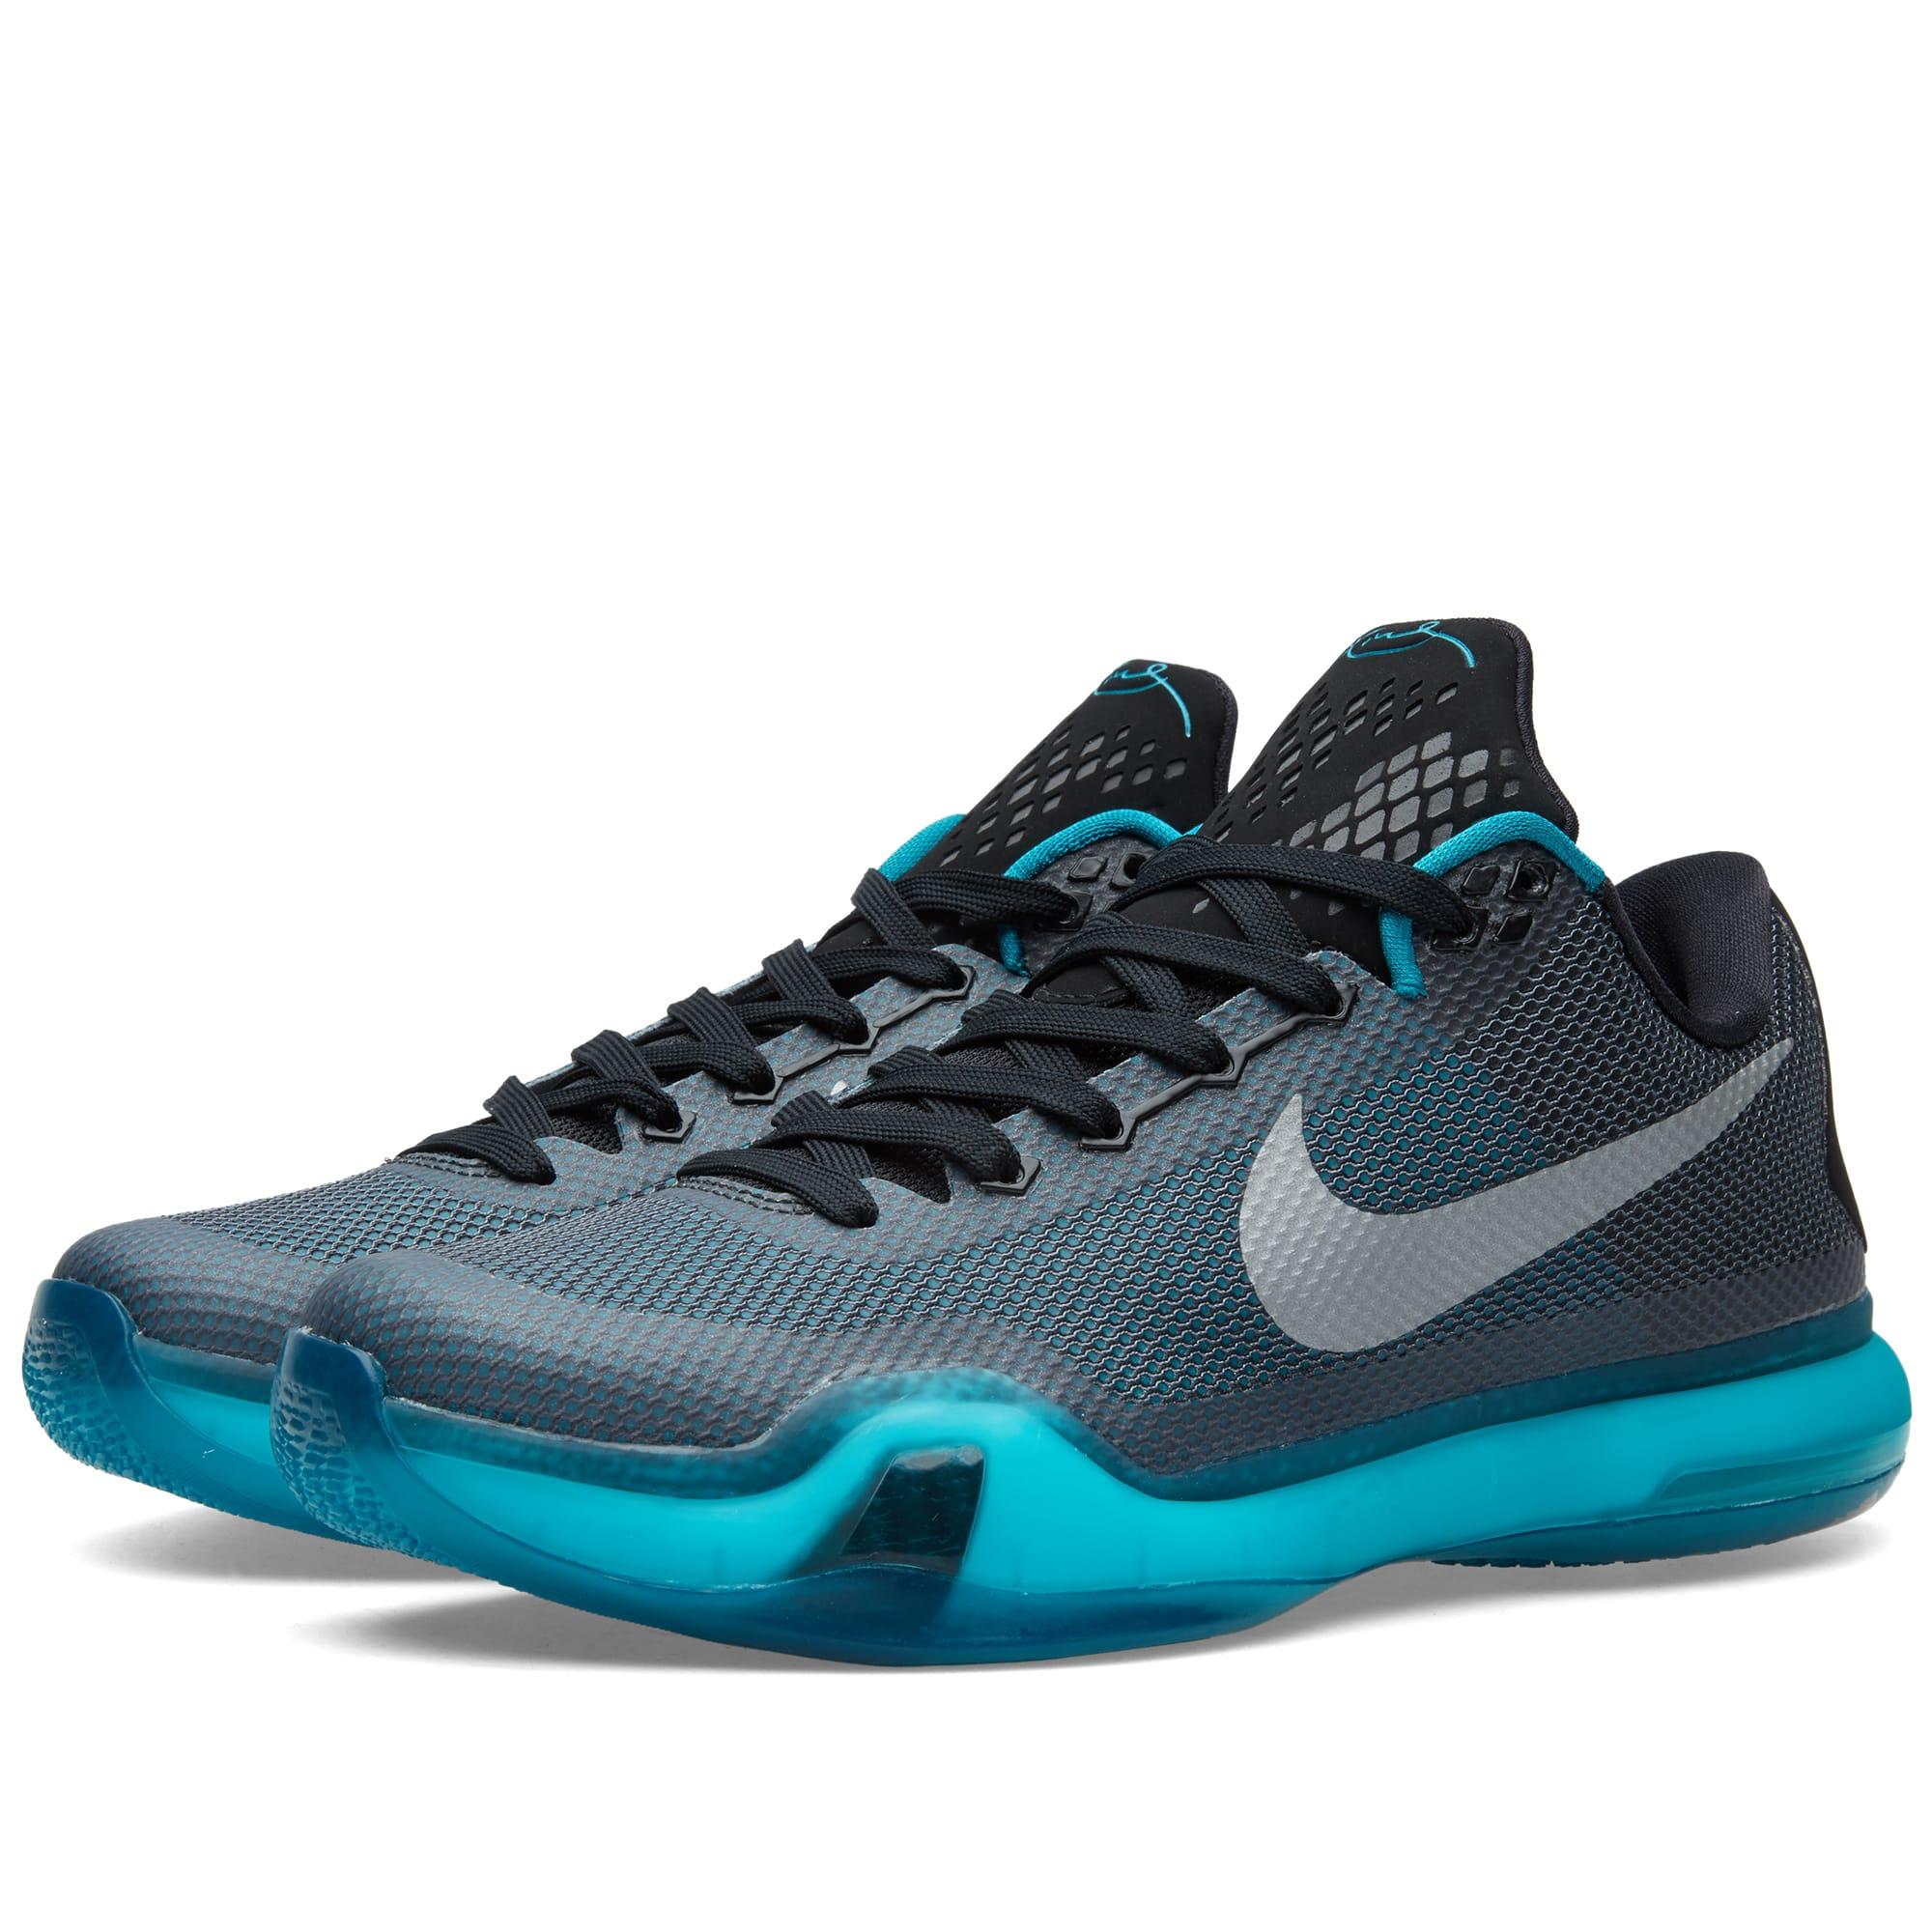 90f99de2fce Nike Kobe X  Liberty  Black